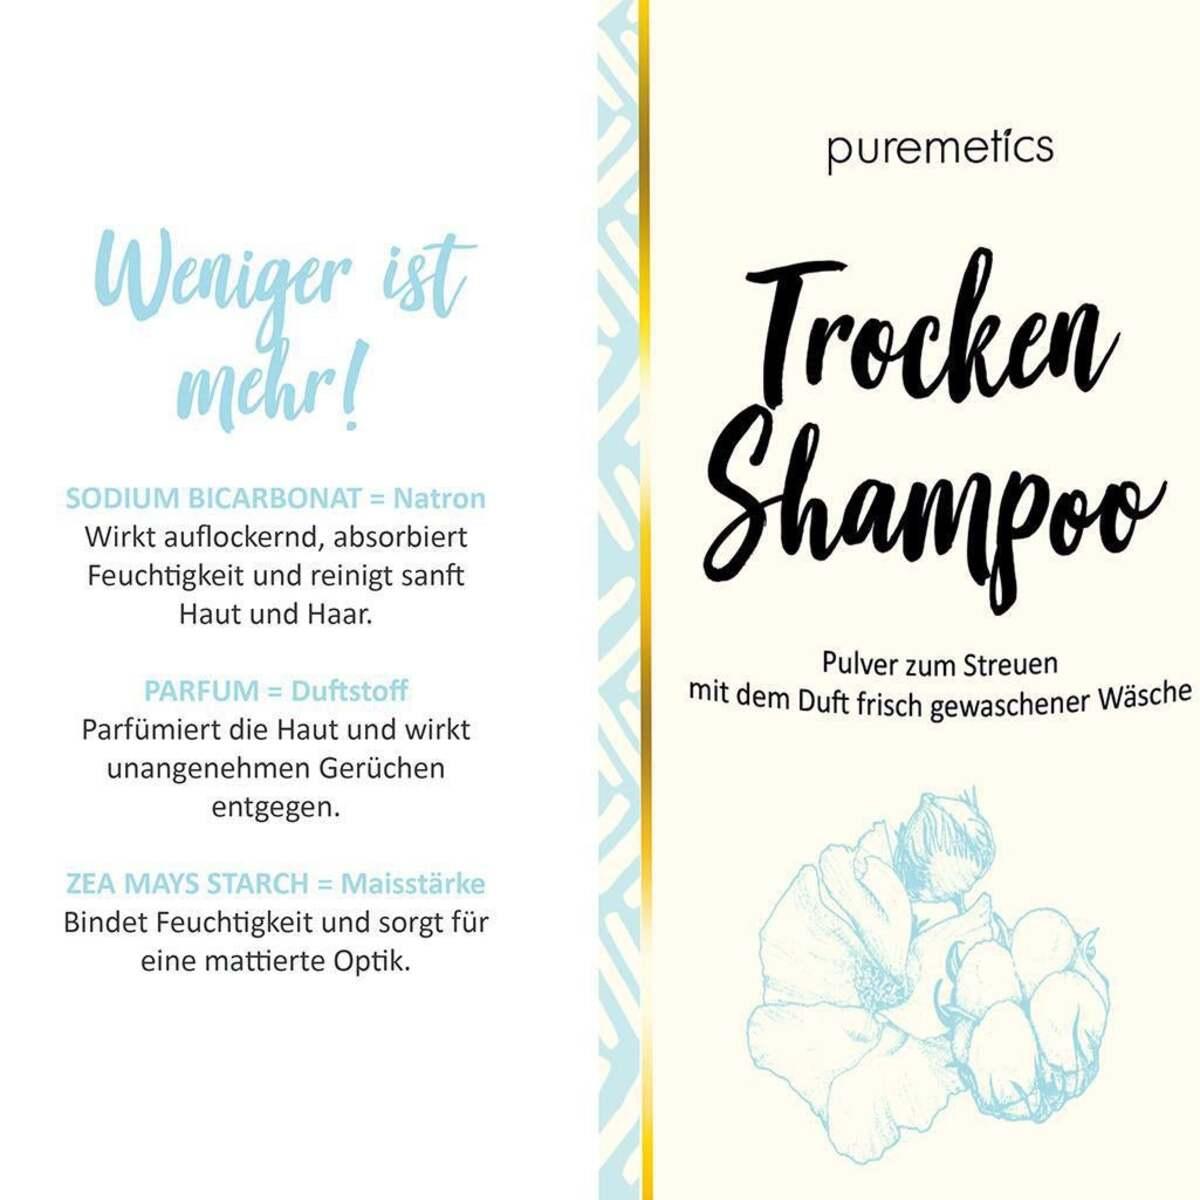 Bild 4 von puremetics Trocken-Shampoo Clean Cotton Nachfüllpack